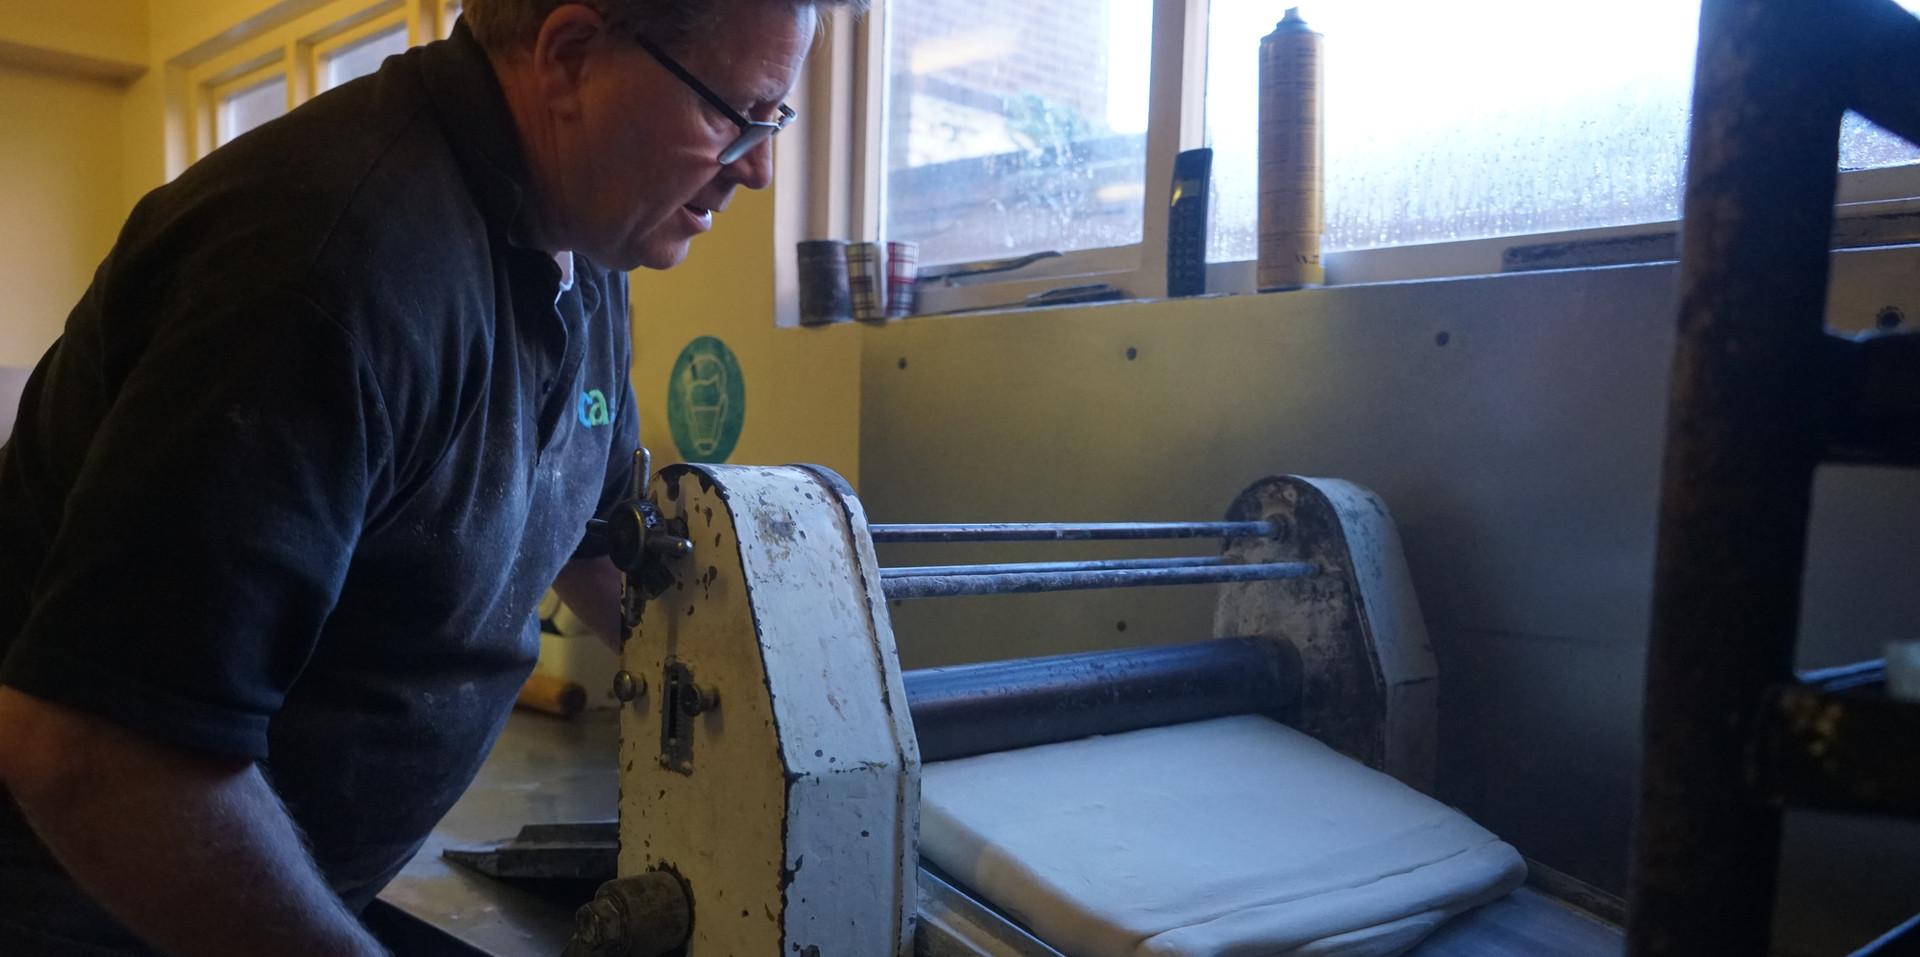 Mark working the Danish pastry